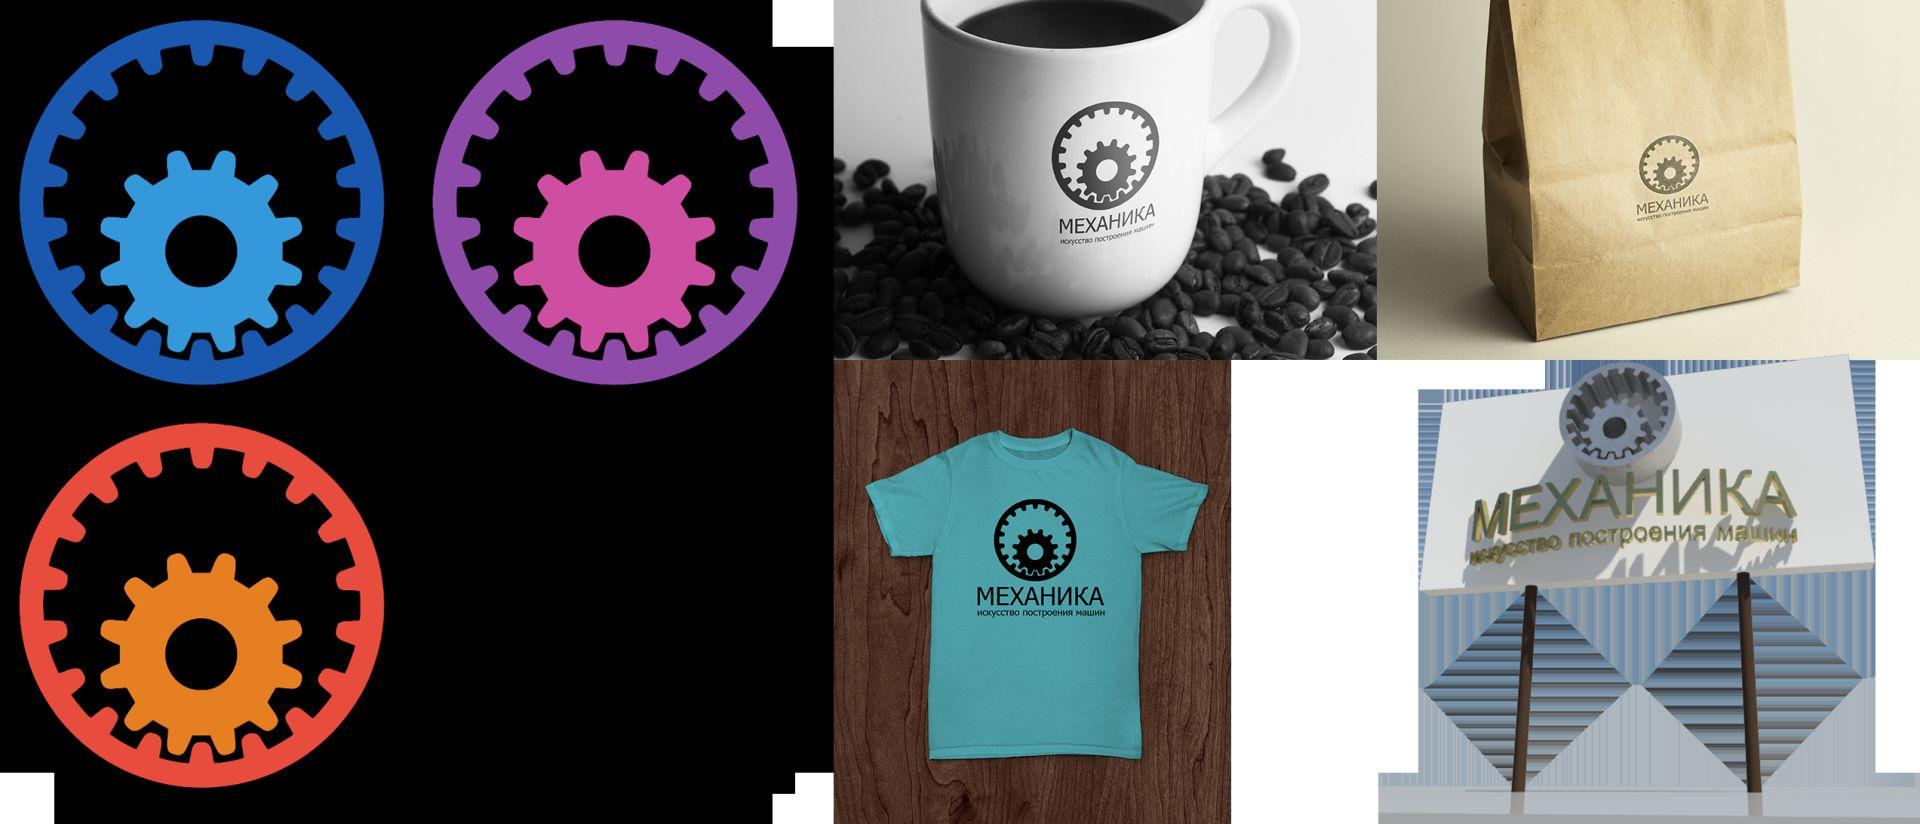 Логотип для магазина автозапчасти 'Механика' - дизайнер turboegoist